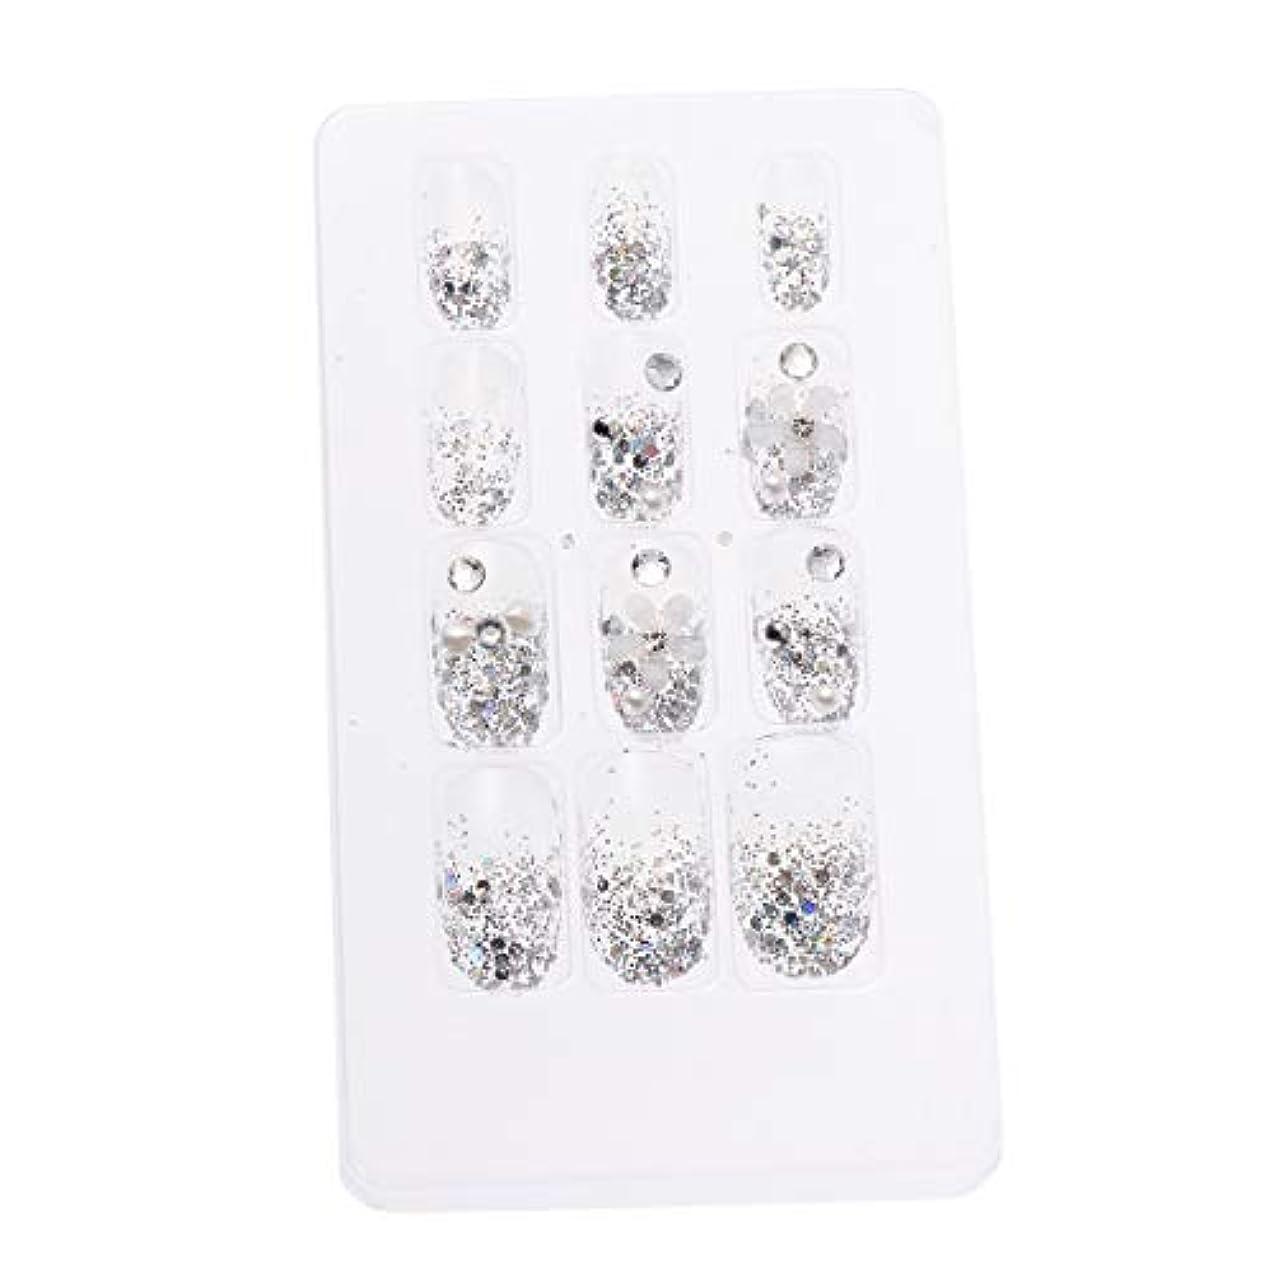 応じる法律により慈悲深いLURROSE 24ピースネイルステッカー 人工ダイヤモンド装飾ネイルアート用ブライダル女性